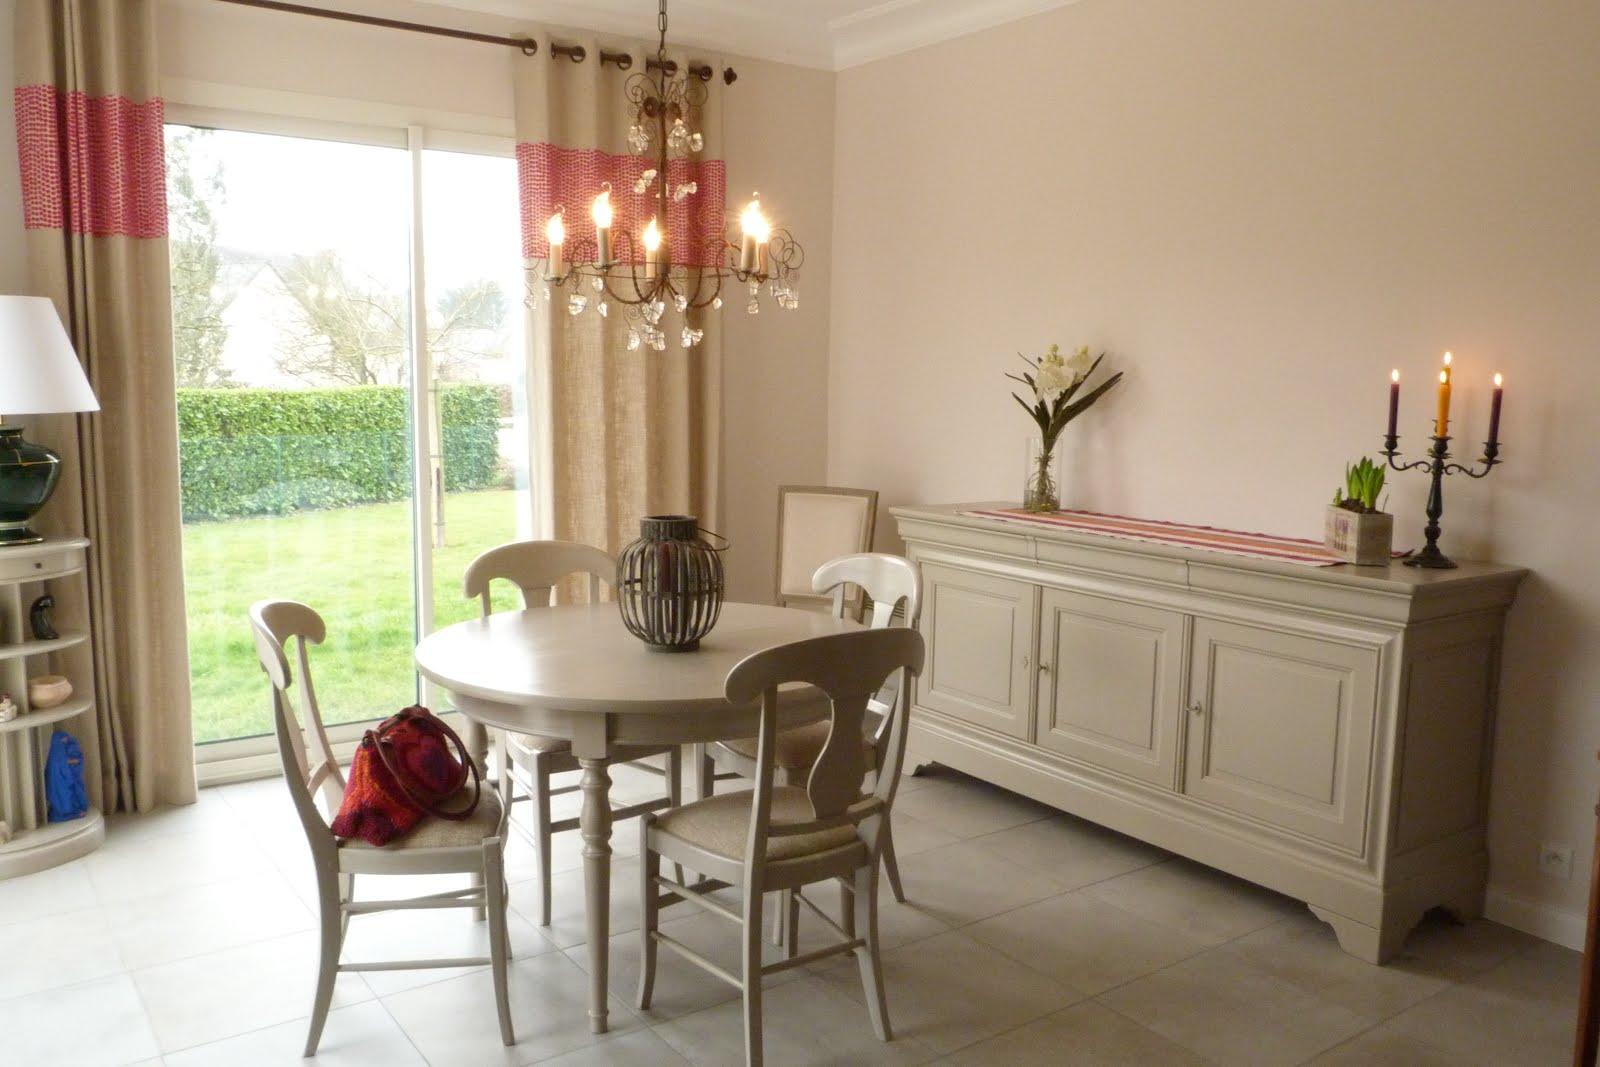 anthracite d co relooking d 39 un salon s jour. Black Bedroom Furniture Sets. Home Design Ideas